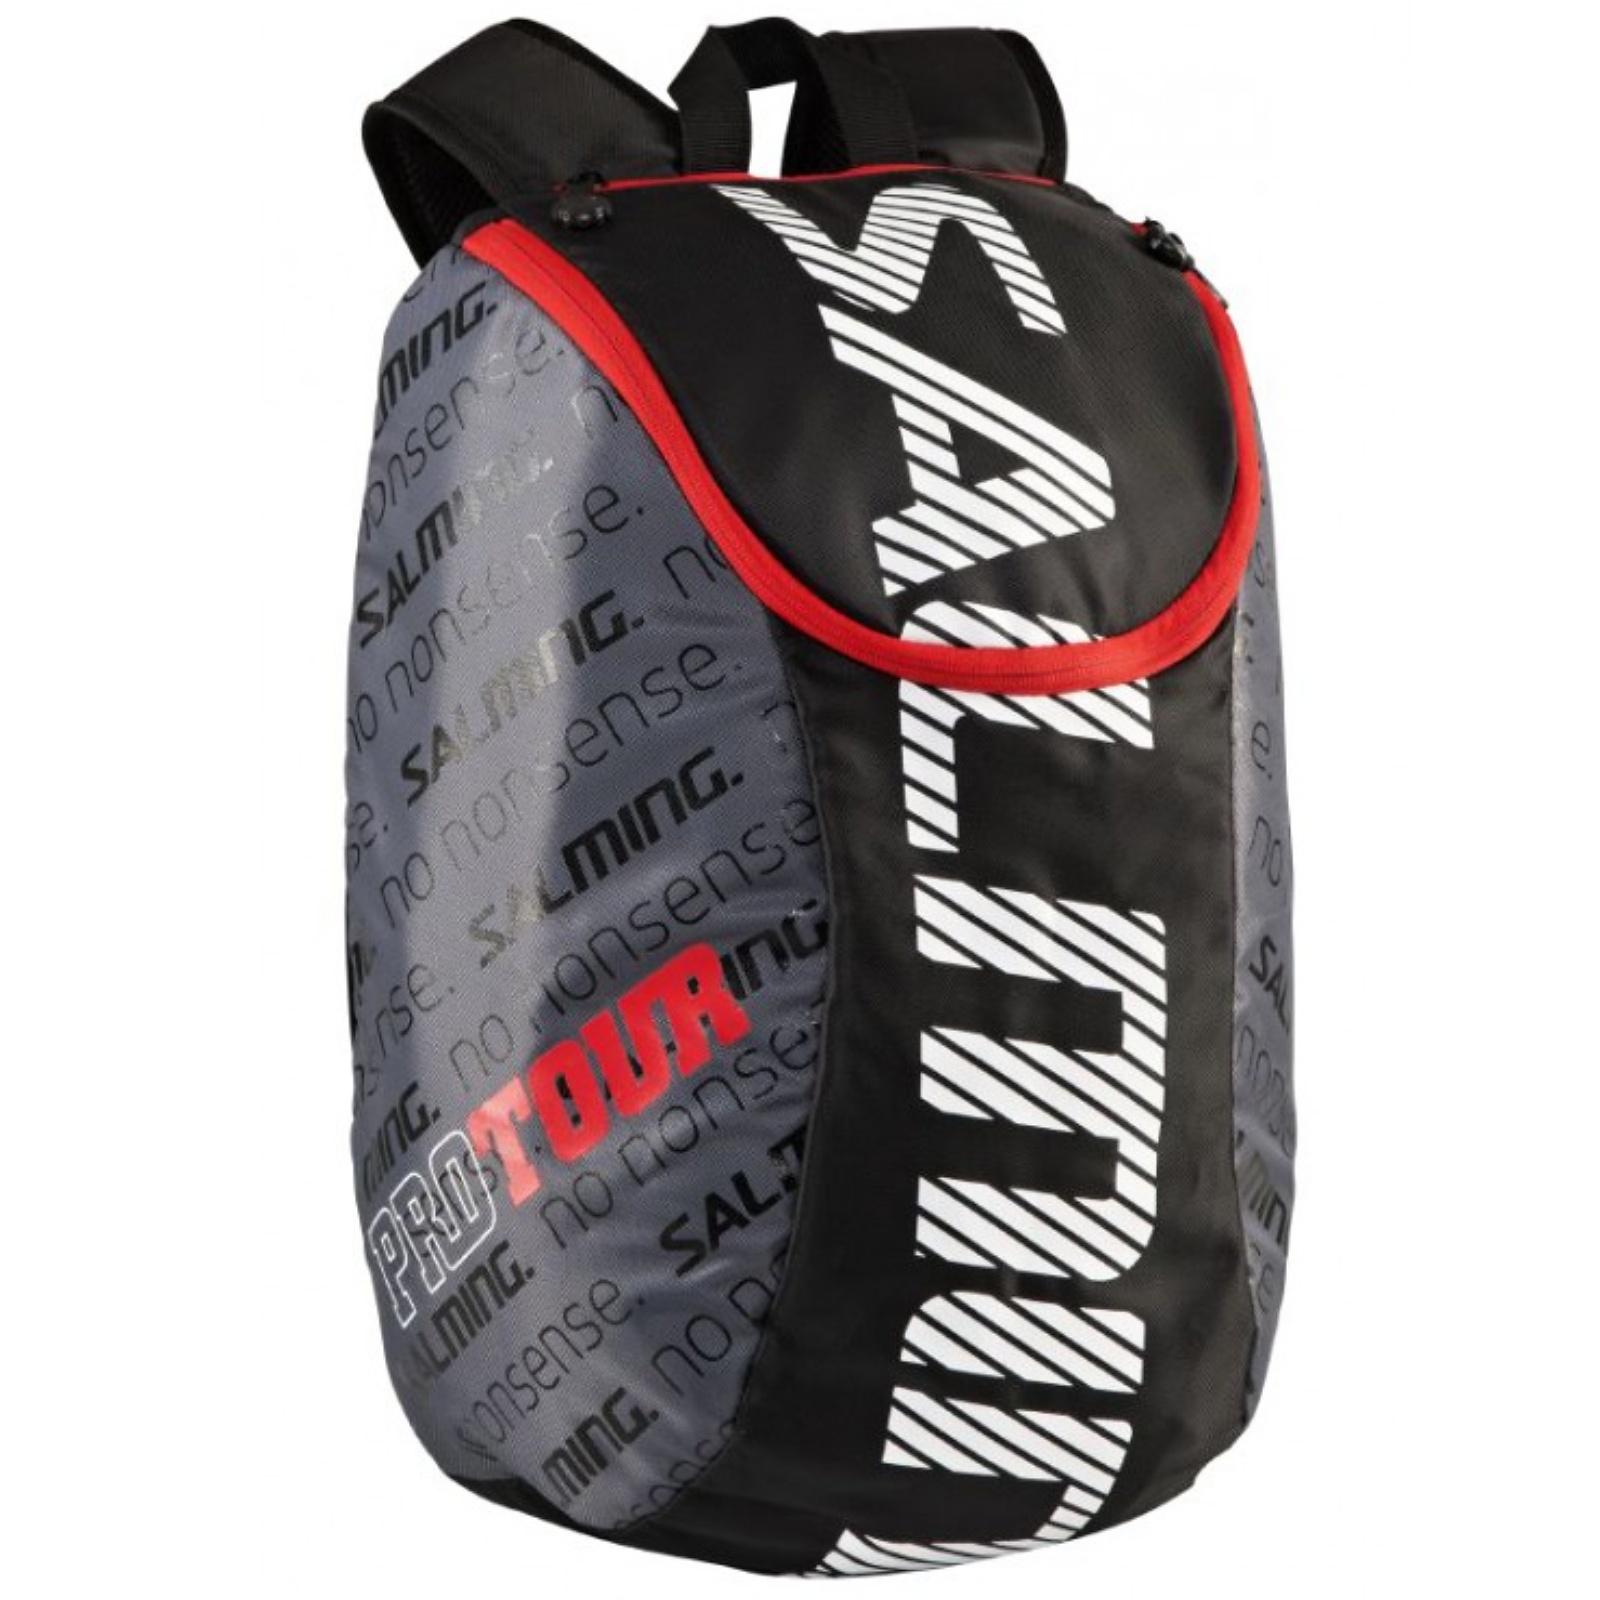 Sportovní batoh SALMING Pro Tour Backpack černá/červená, 18L